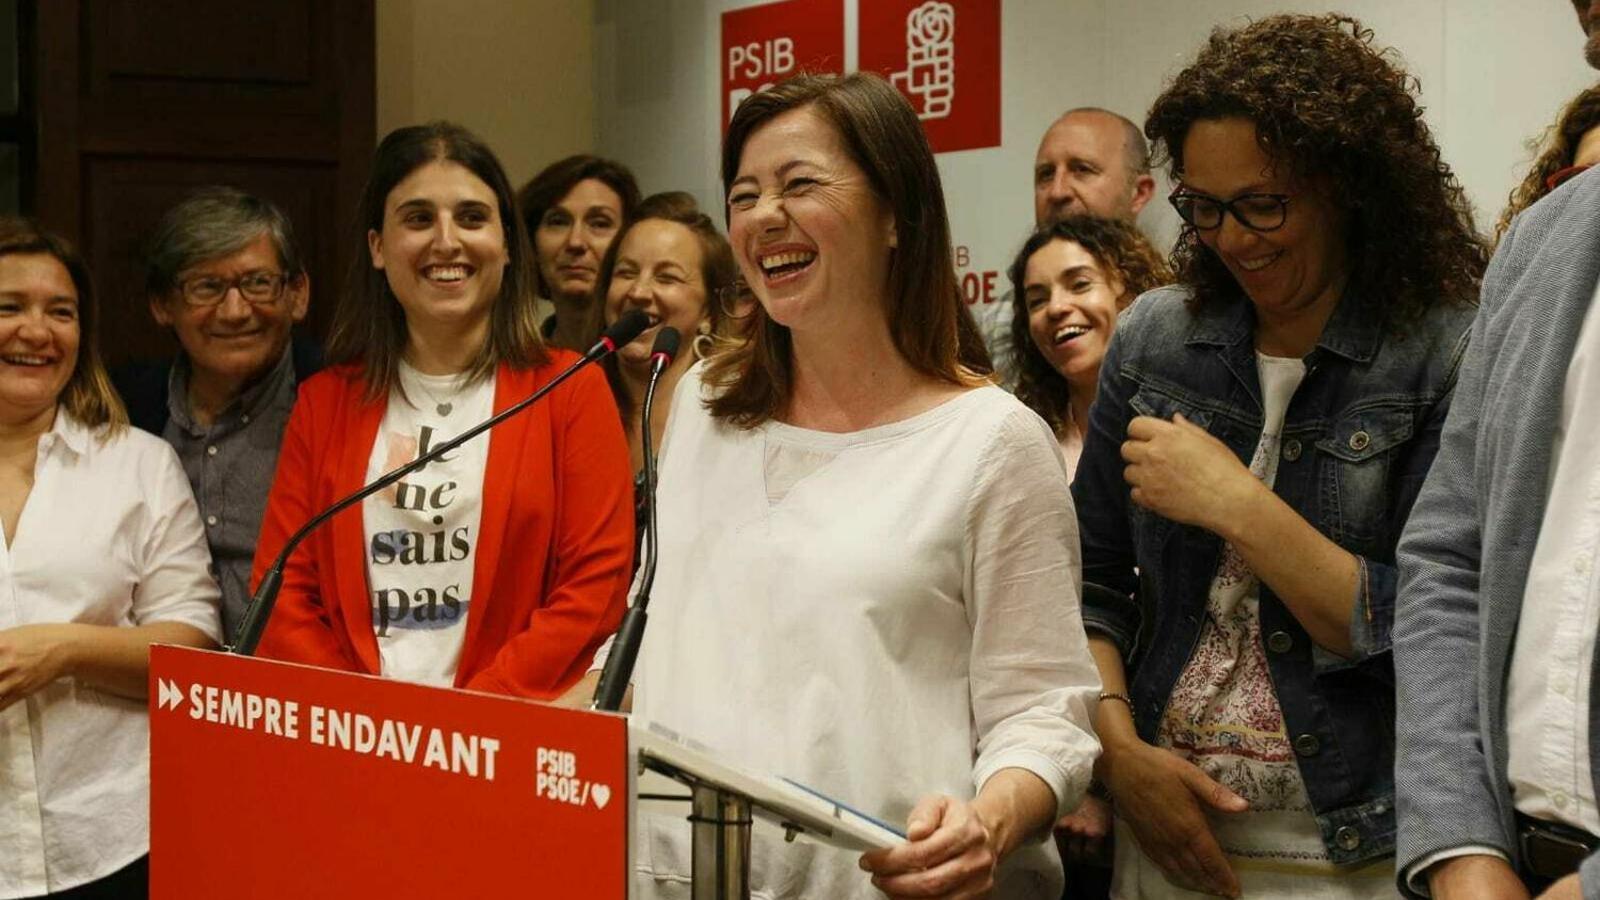 Els socialistes celebren la victòria a les passades eleccions autonòmiques en una imatge d'arxiu.